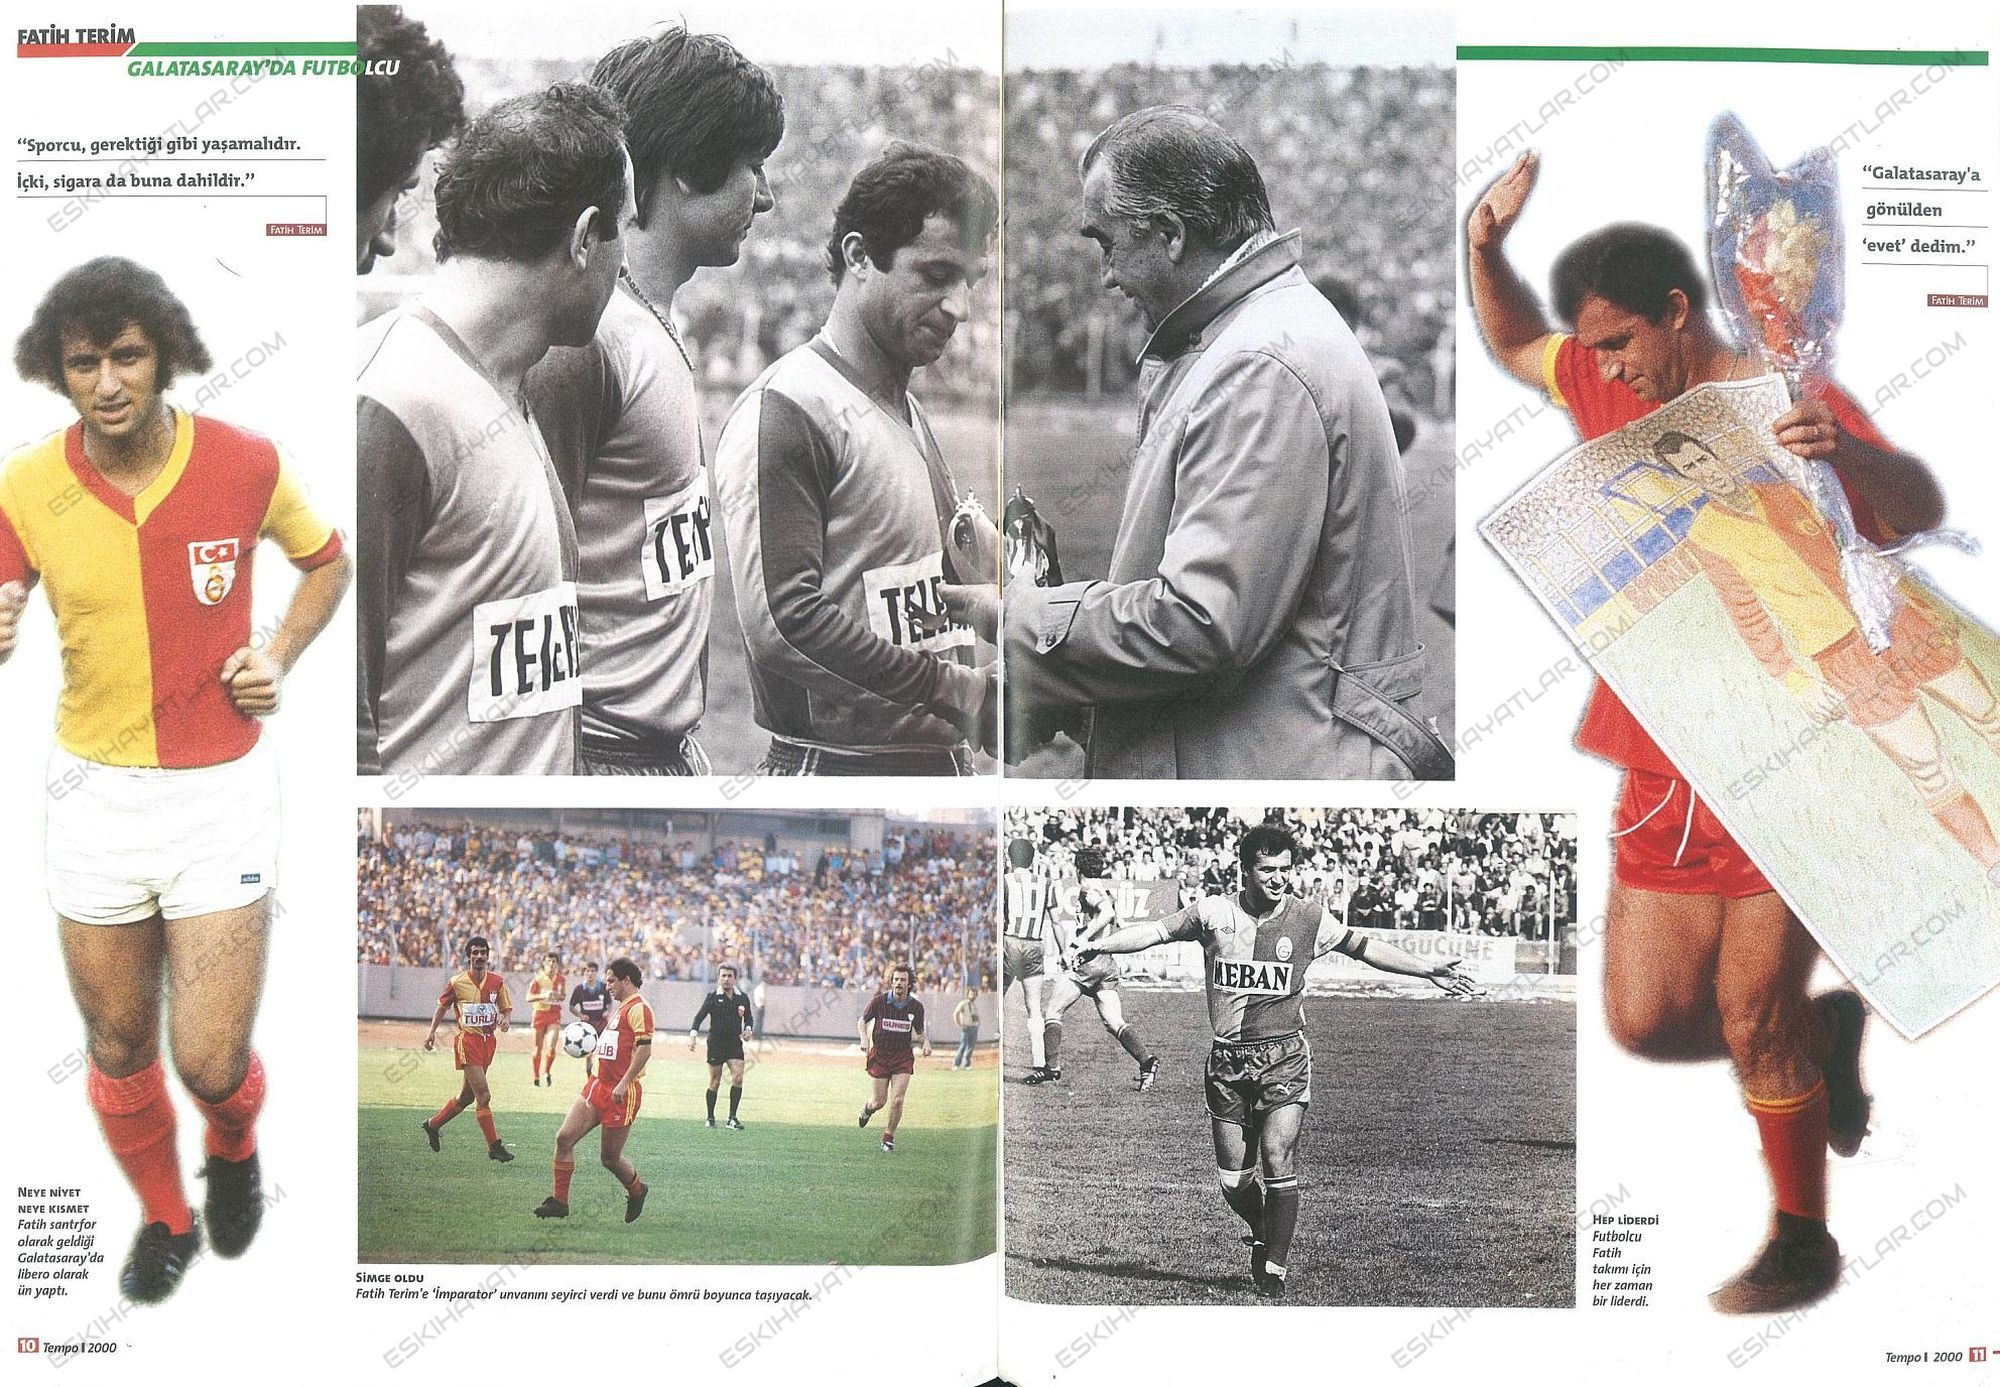 fatih-terim-fotograflari-fatih-terim-futbol-kariyeri-2000-yili-tempo-dergisi-arsivleri (7)